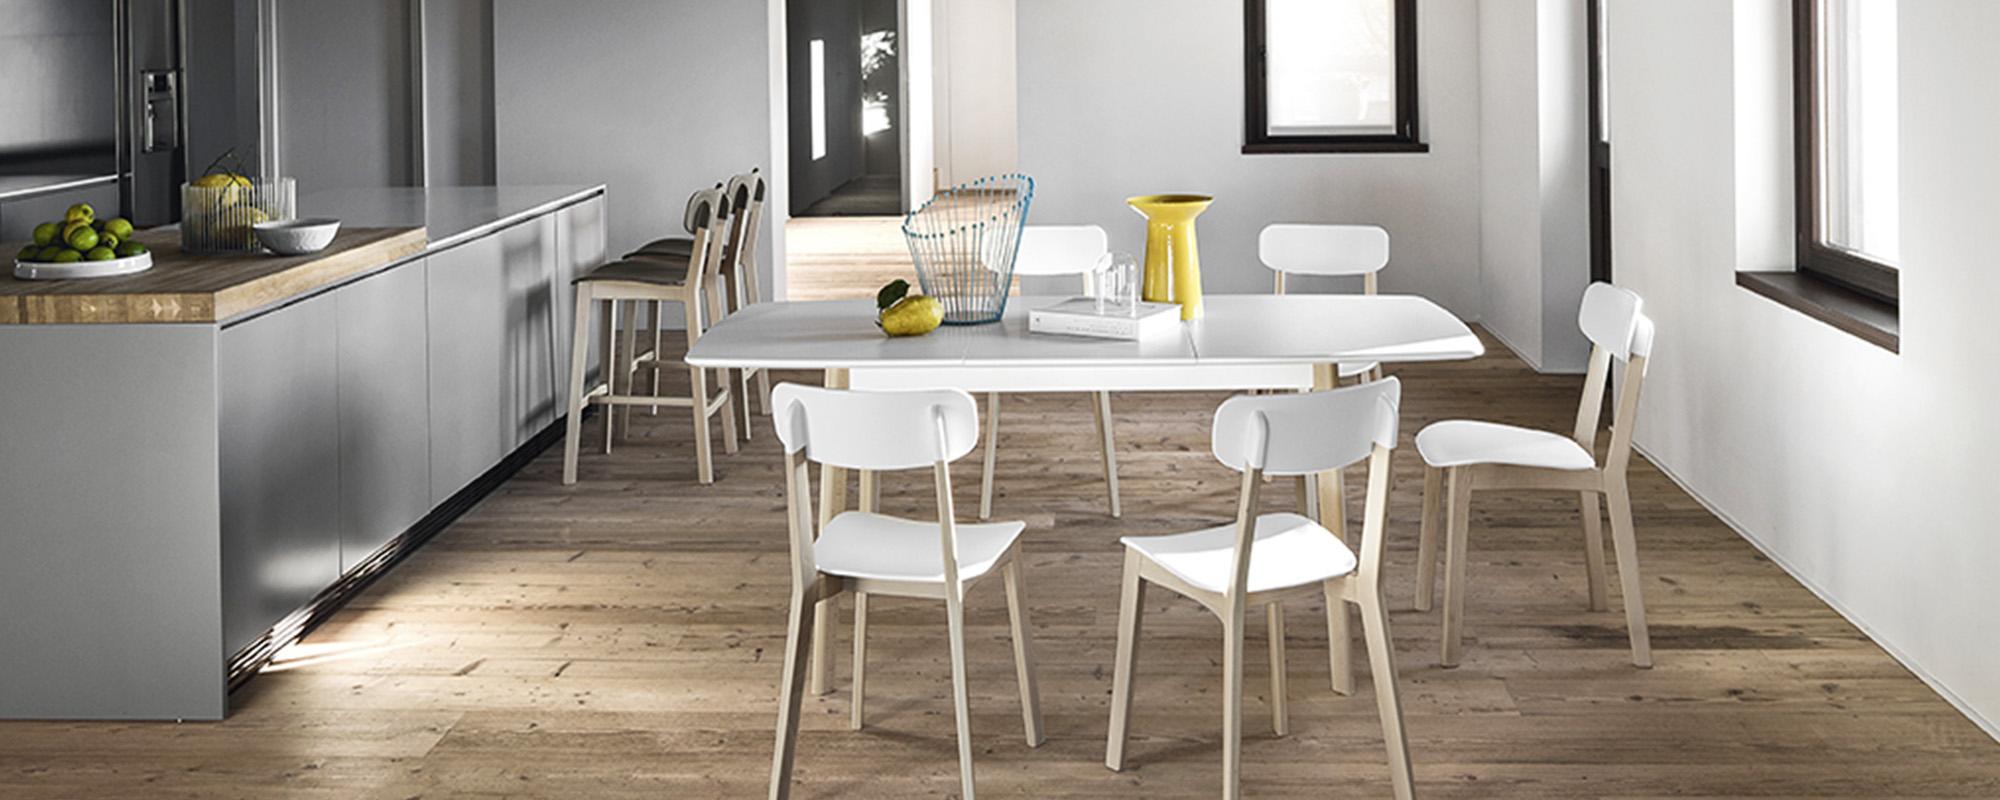 Tavoli Da Cucina Piccole Dimensioni.Come Scegliere Il Tavolo Da Cucina I Consigli Di Arredamenti